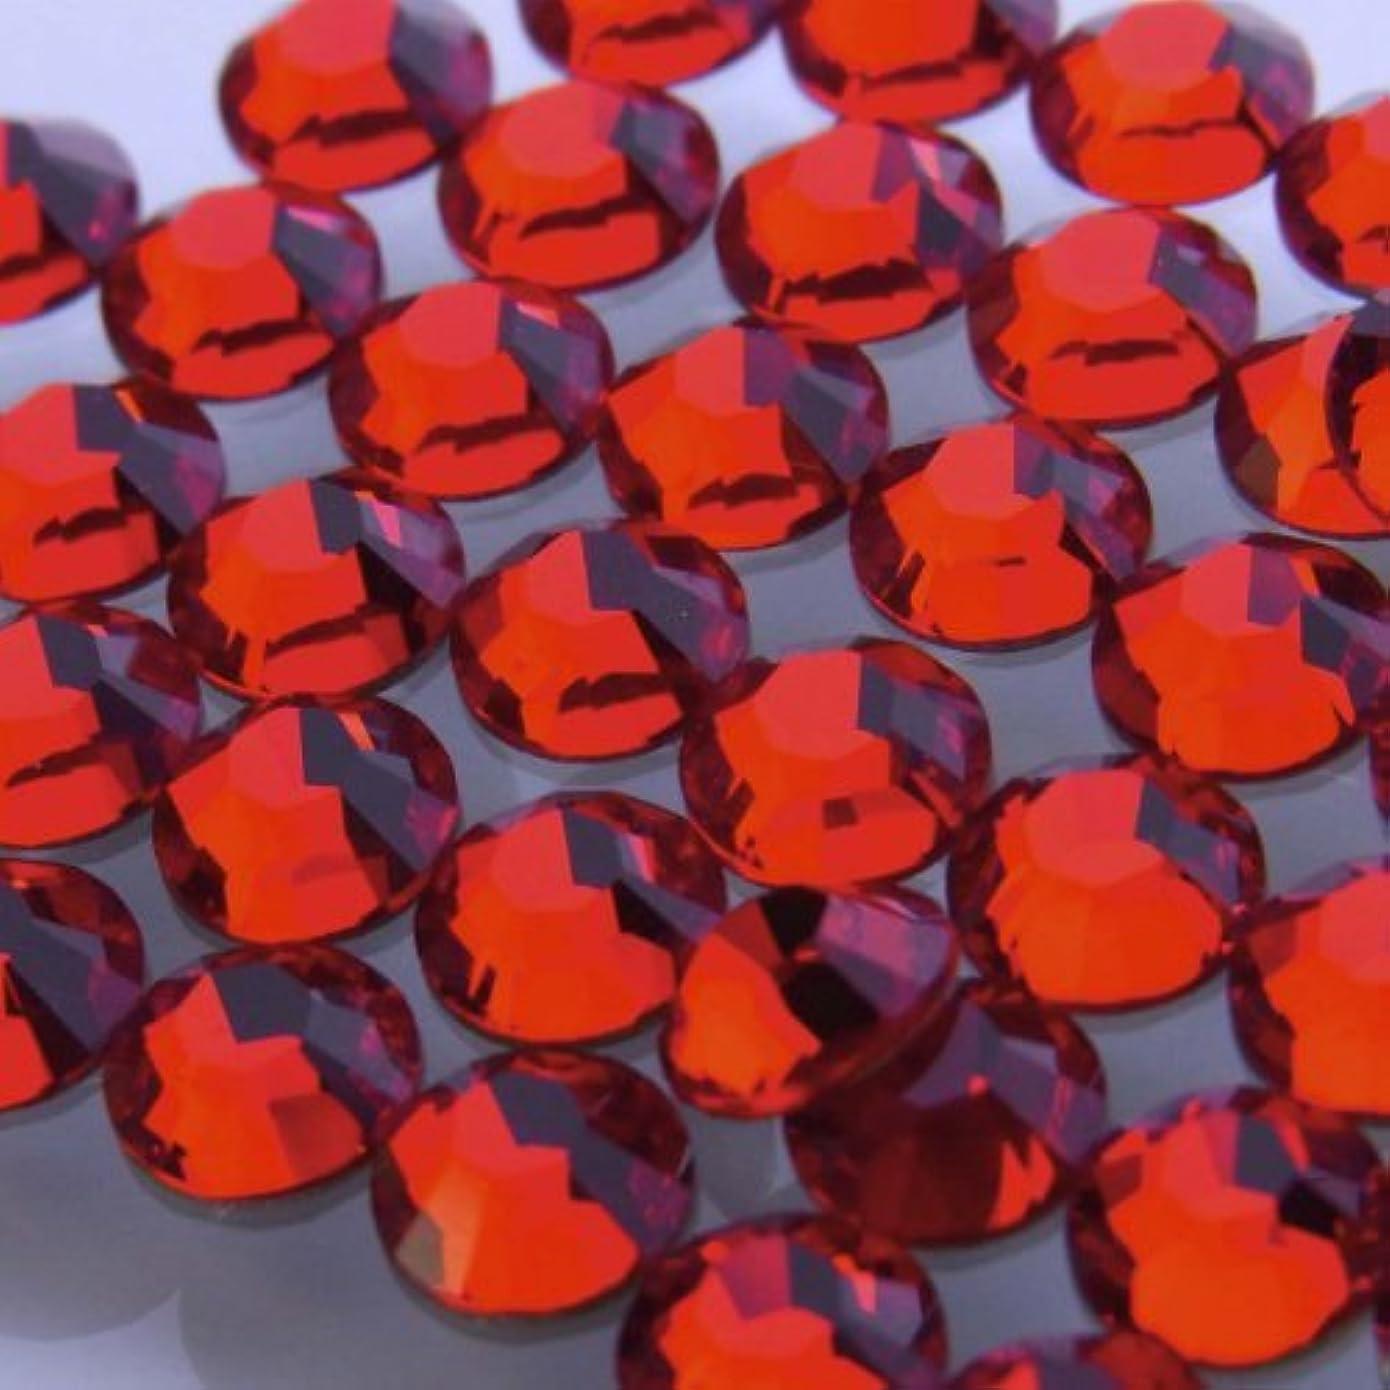 虫を数える悲鳴アサー2058ライトシャムss16(100粒入り)スワロフスキーラインストーン(nohotfix)